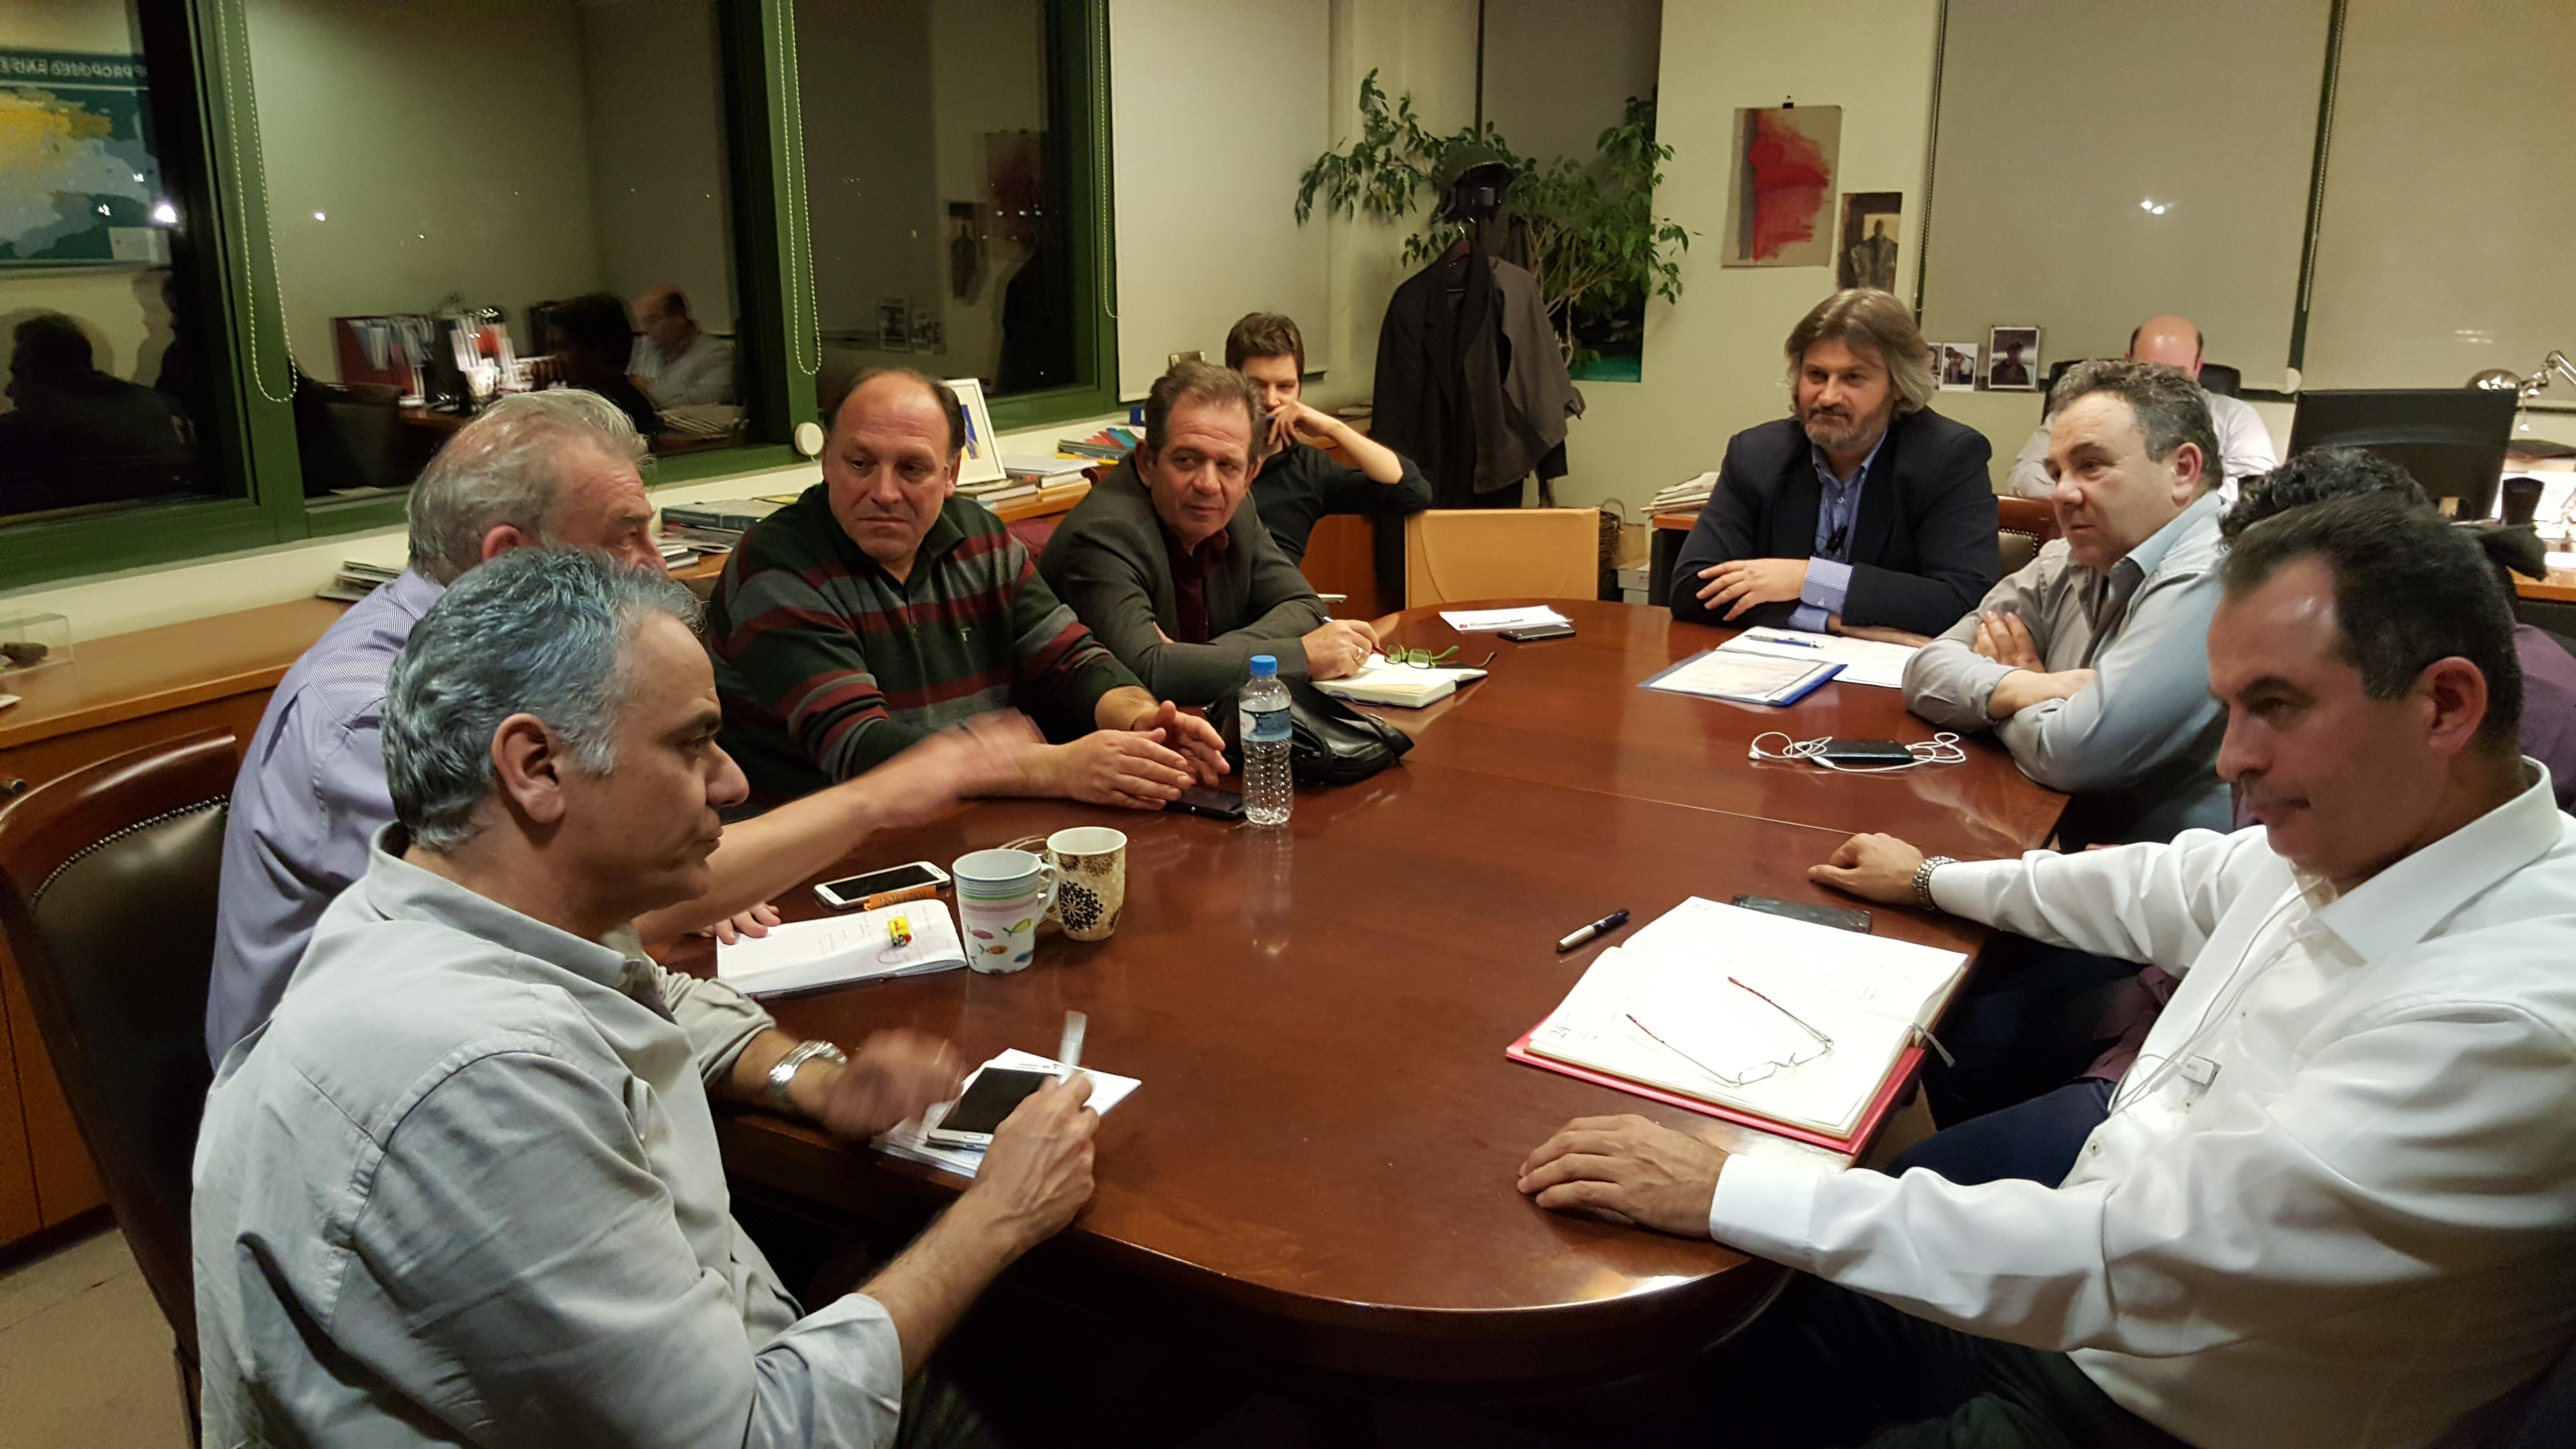 Συνάντηση ΓΕΝΟΠ – ΣΠΑΡΤΑΚΟΥ με τον Υπουργό ΠΕΝ κ. Σκουρλέτη, με αφορμή τα απεργιακά μέτρα  του Σωματείου.